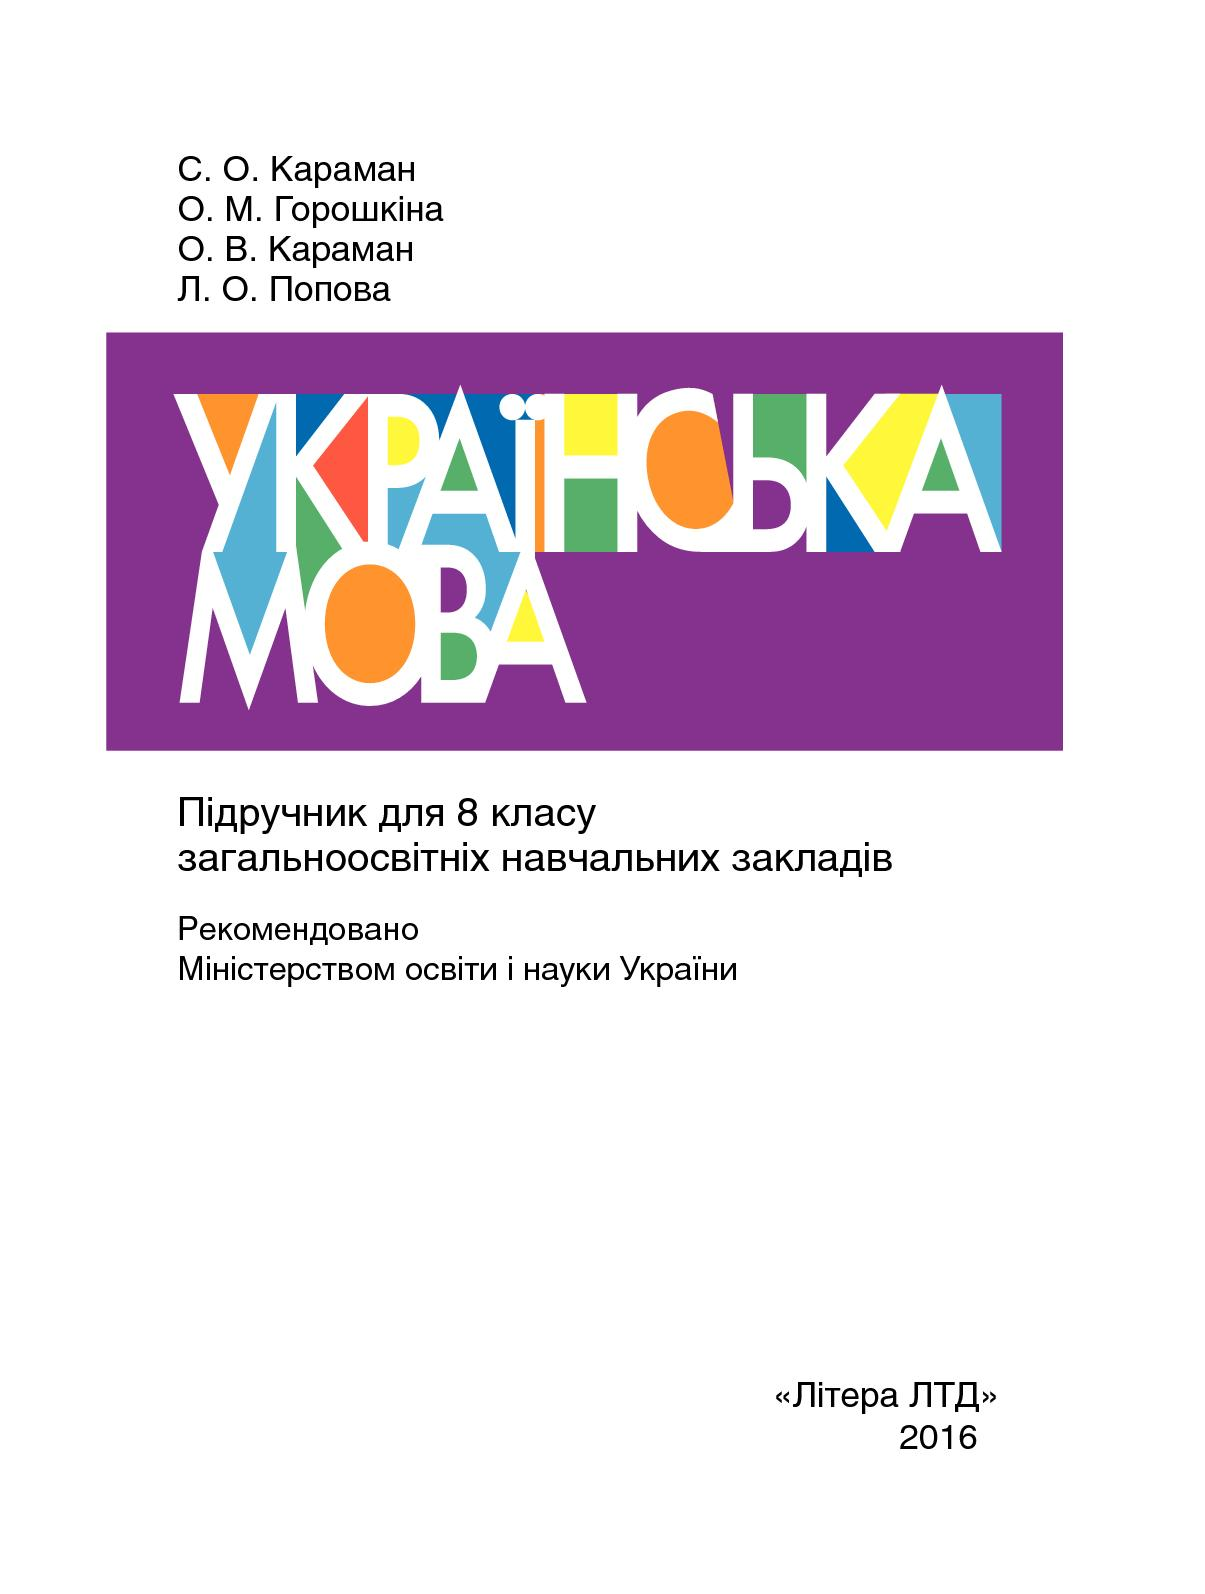 Calaméo - 8 Klas Ukrajinska Mova Karaman 2016 0a1cca0ddab13